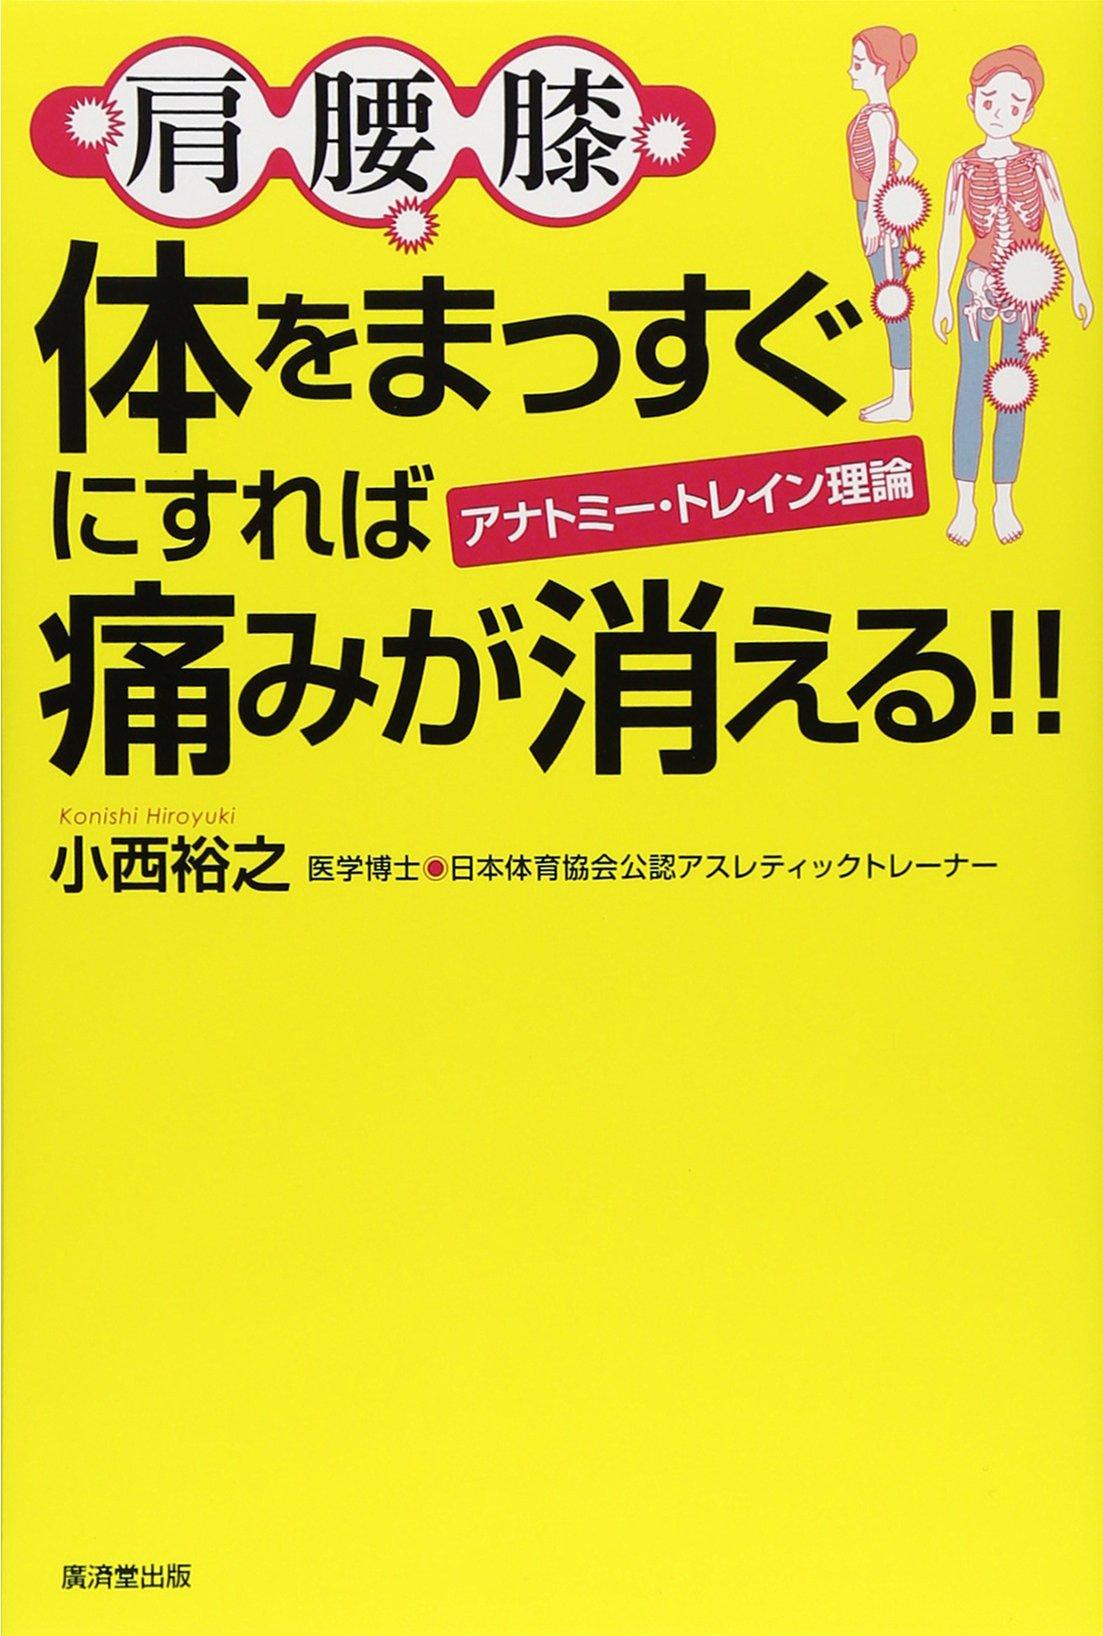 Amazon.co.jp: アナトミー・トレイン理論 体をまっすぐにすれば痛みが ...